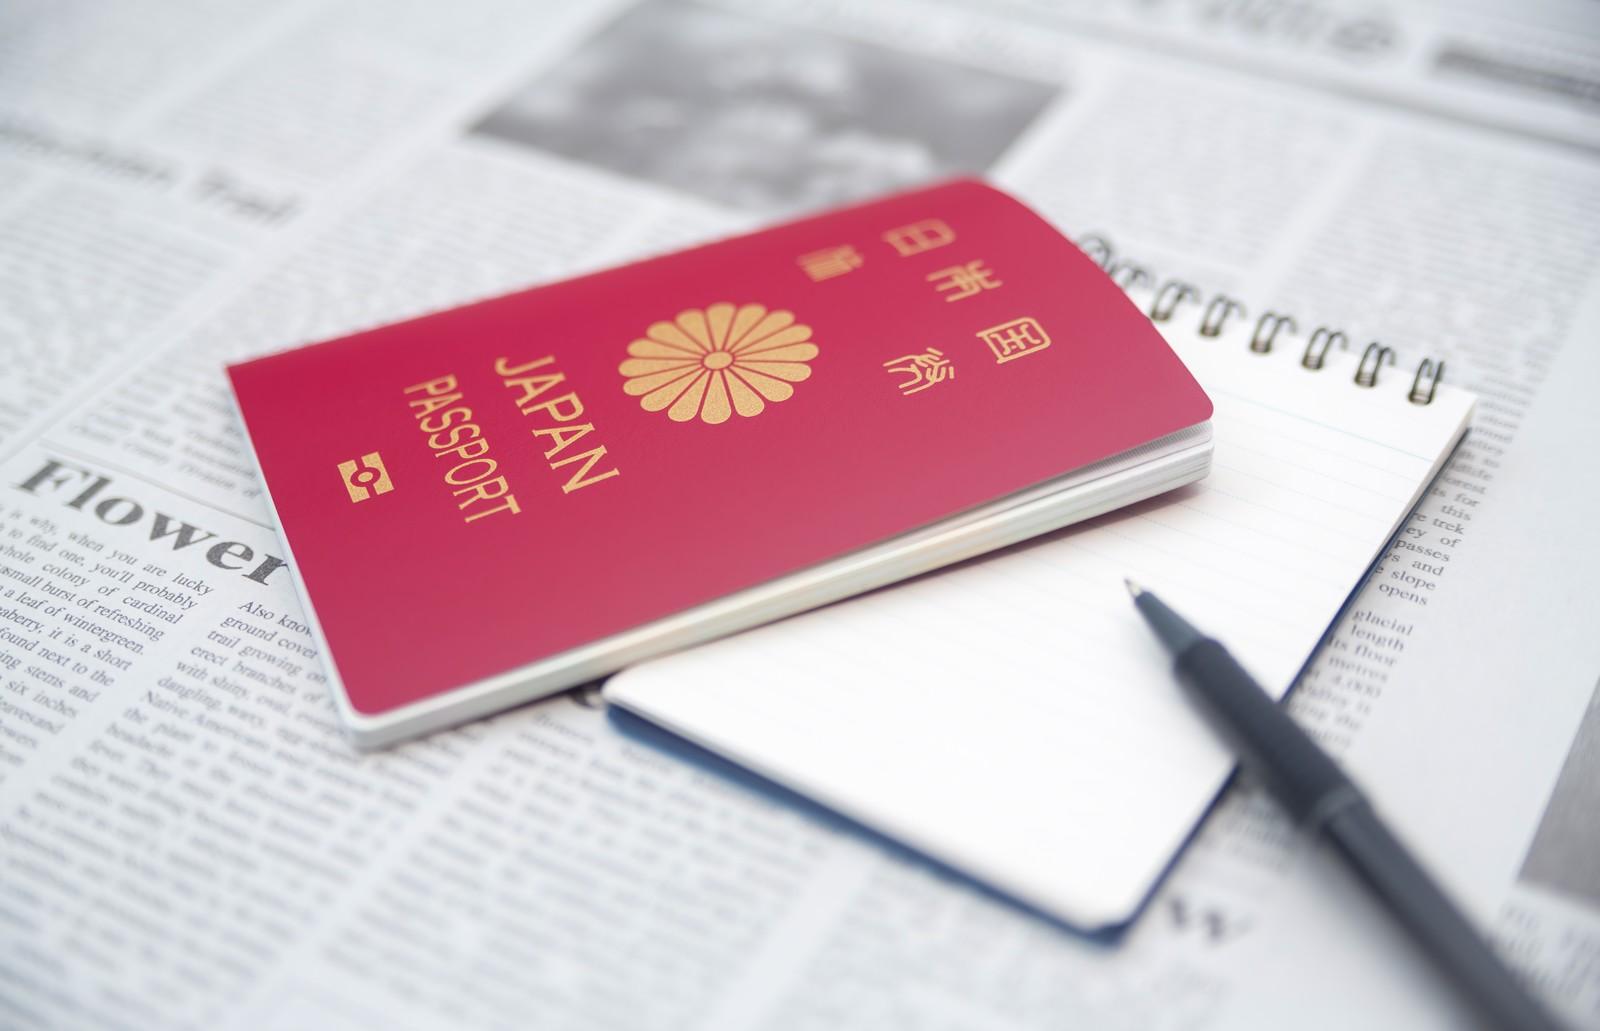 バニラエア 予約 パスポート